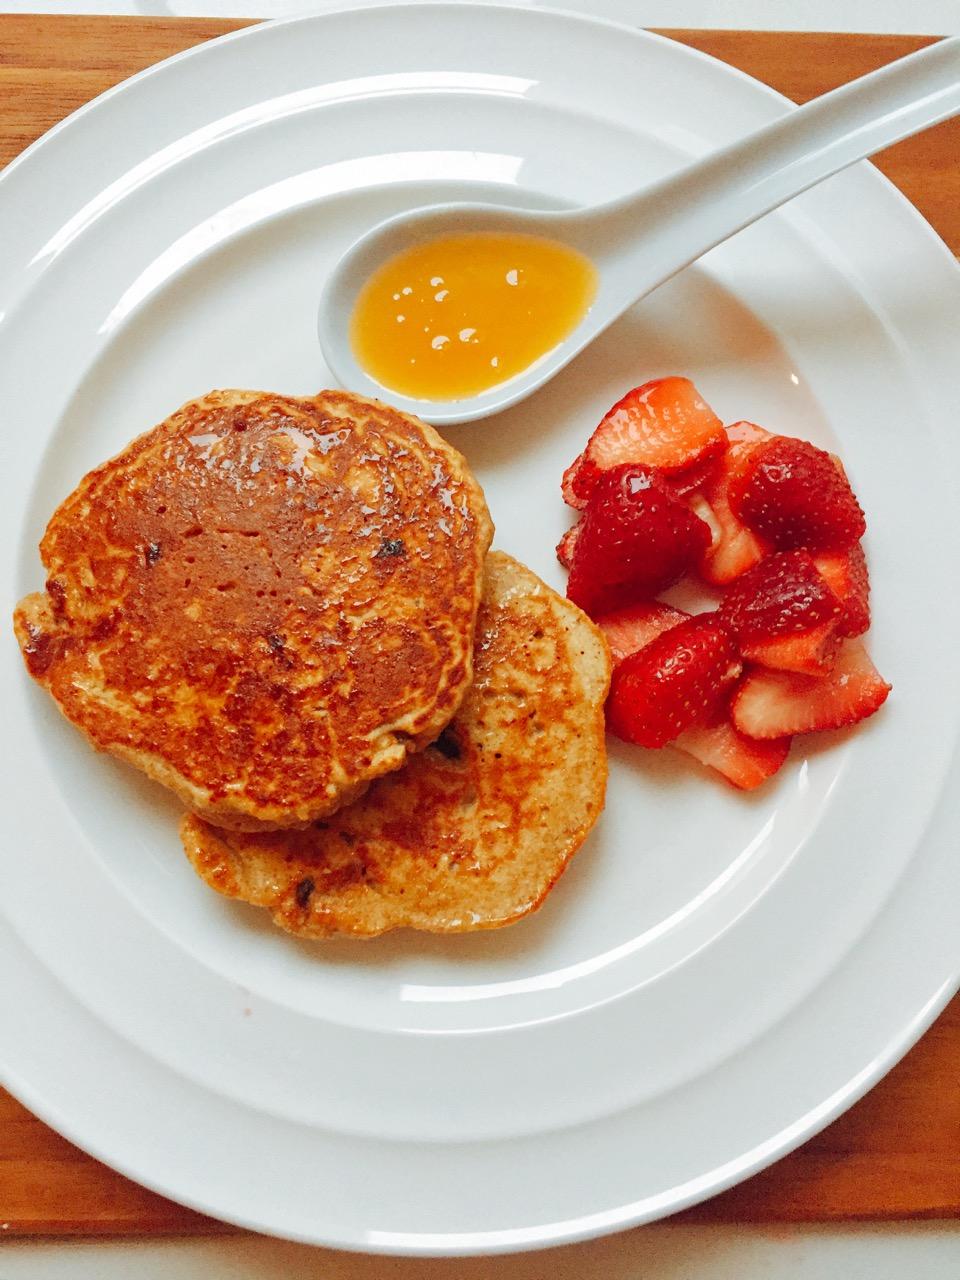 Café da manhã preguiçoso